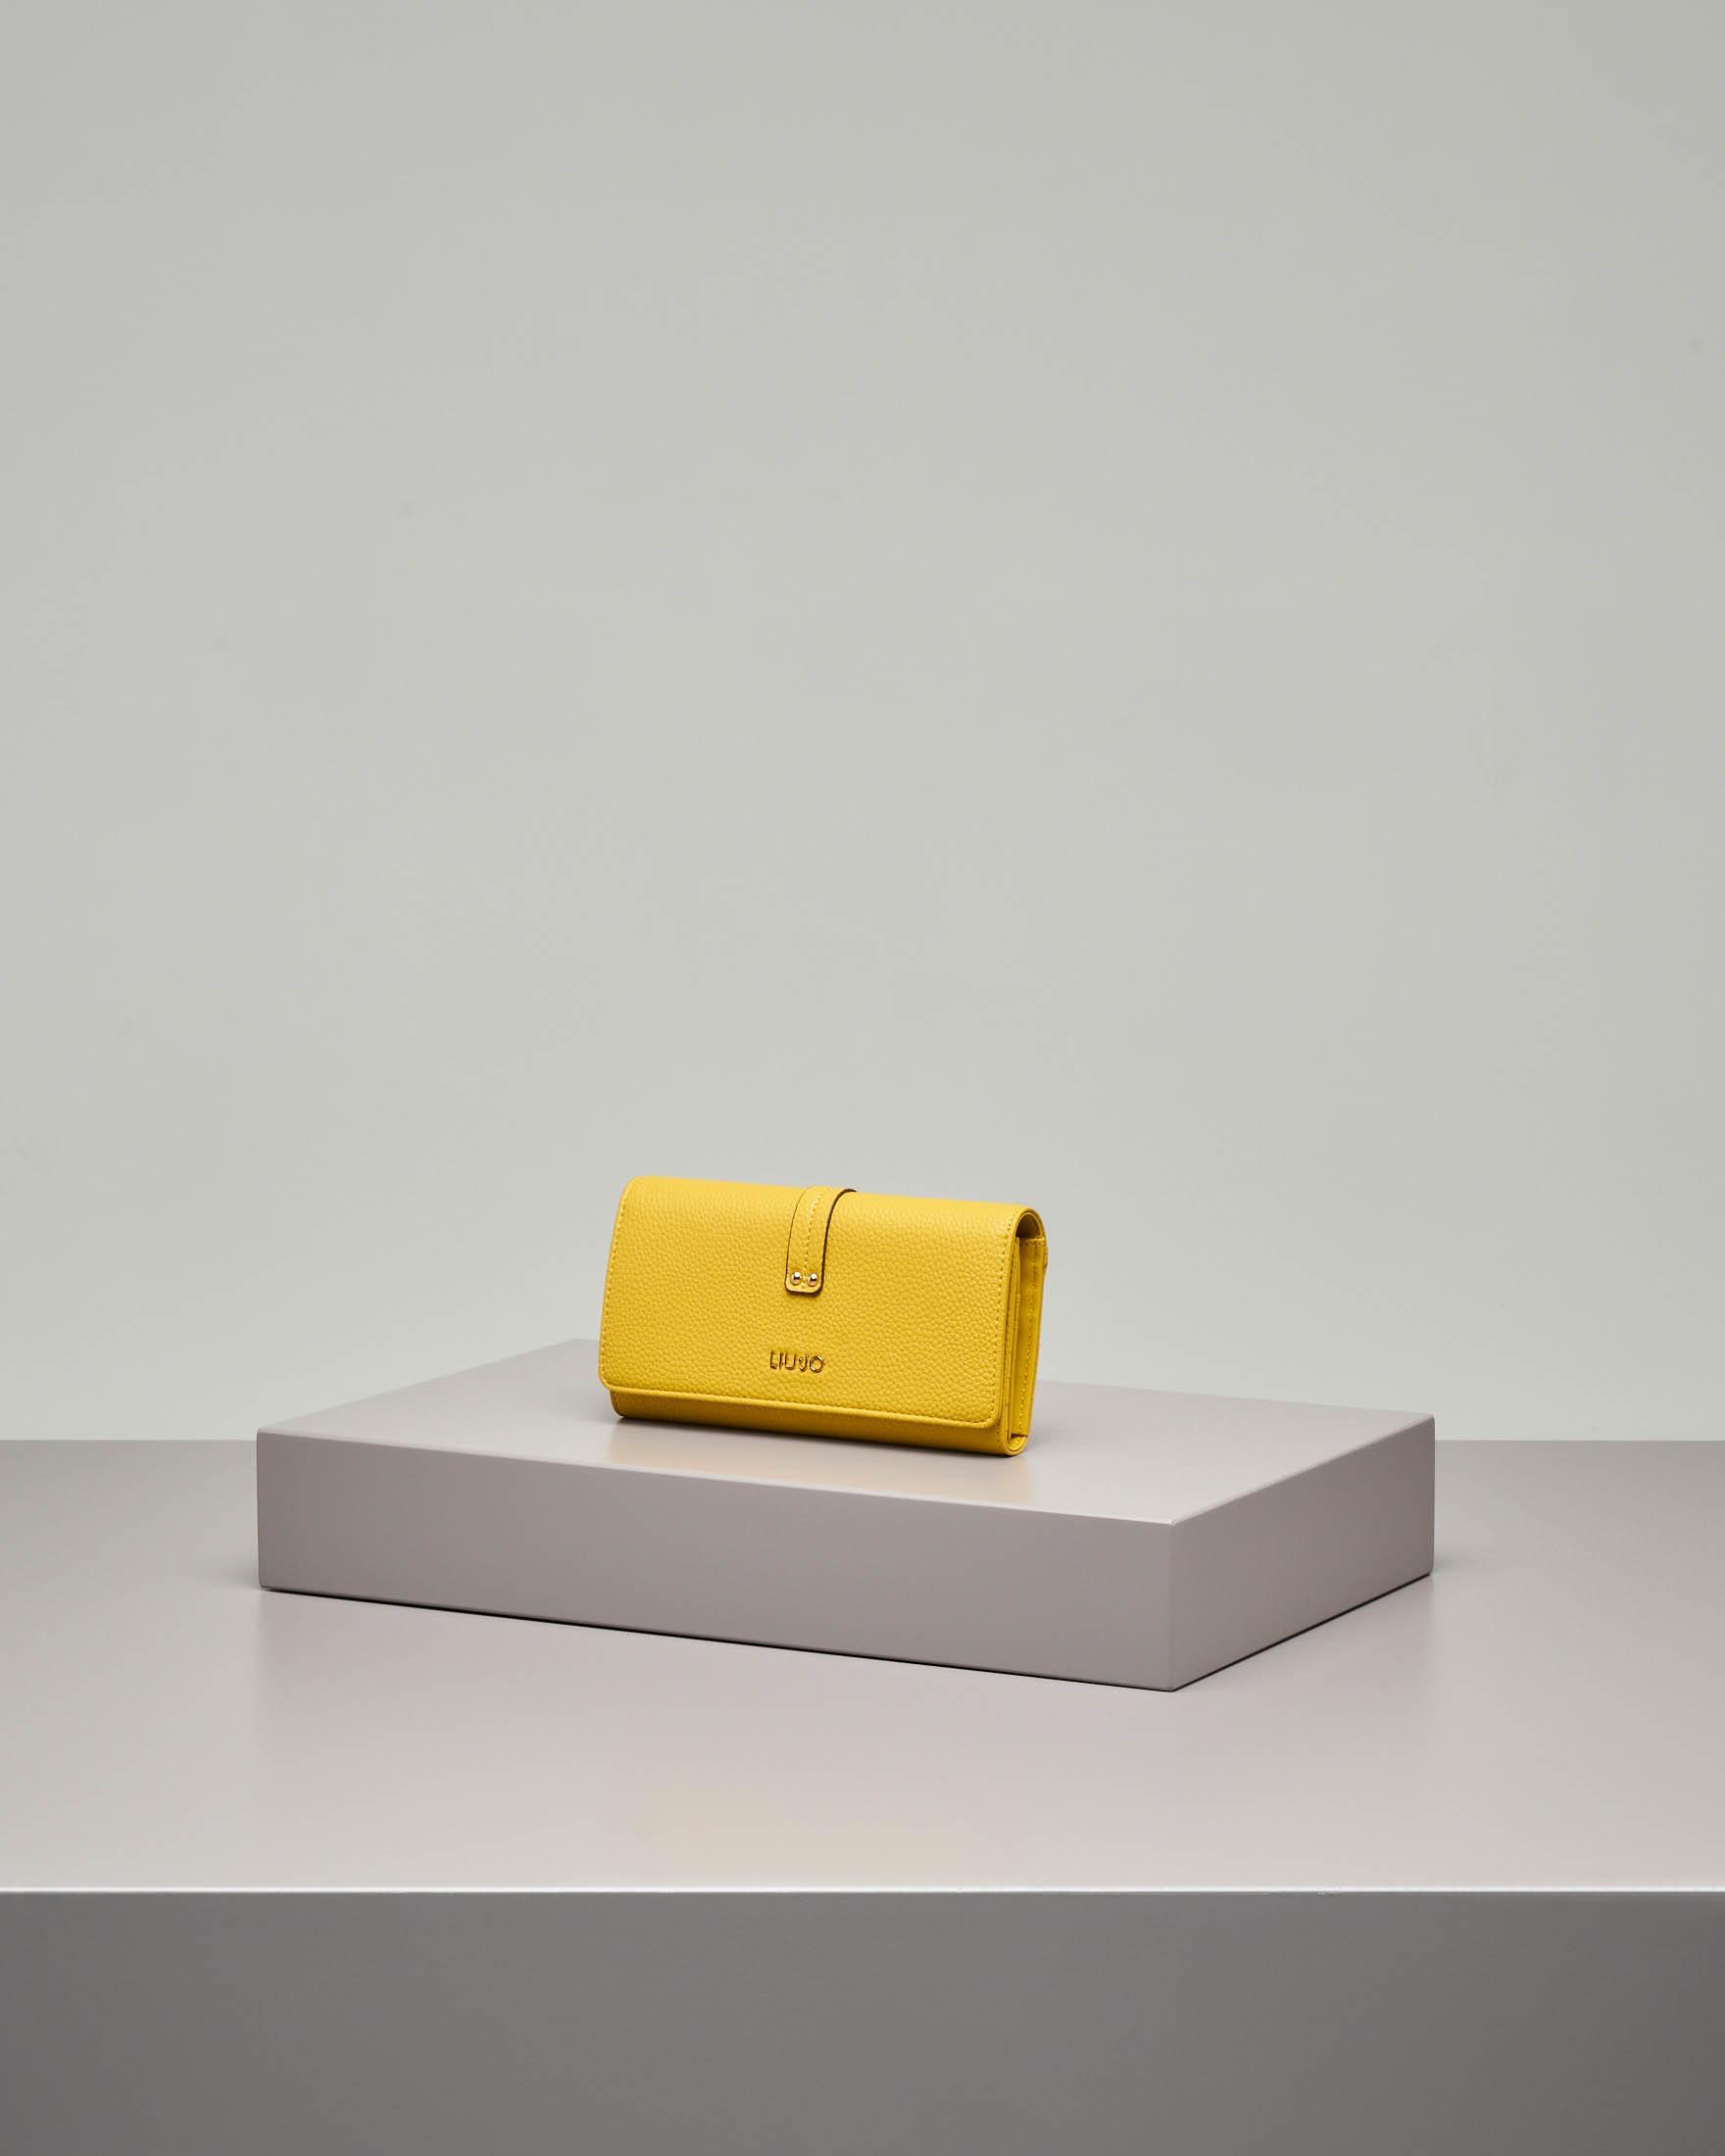 Portafoglio giallo in ecopelle effetto saffiano con patta